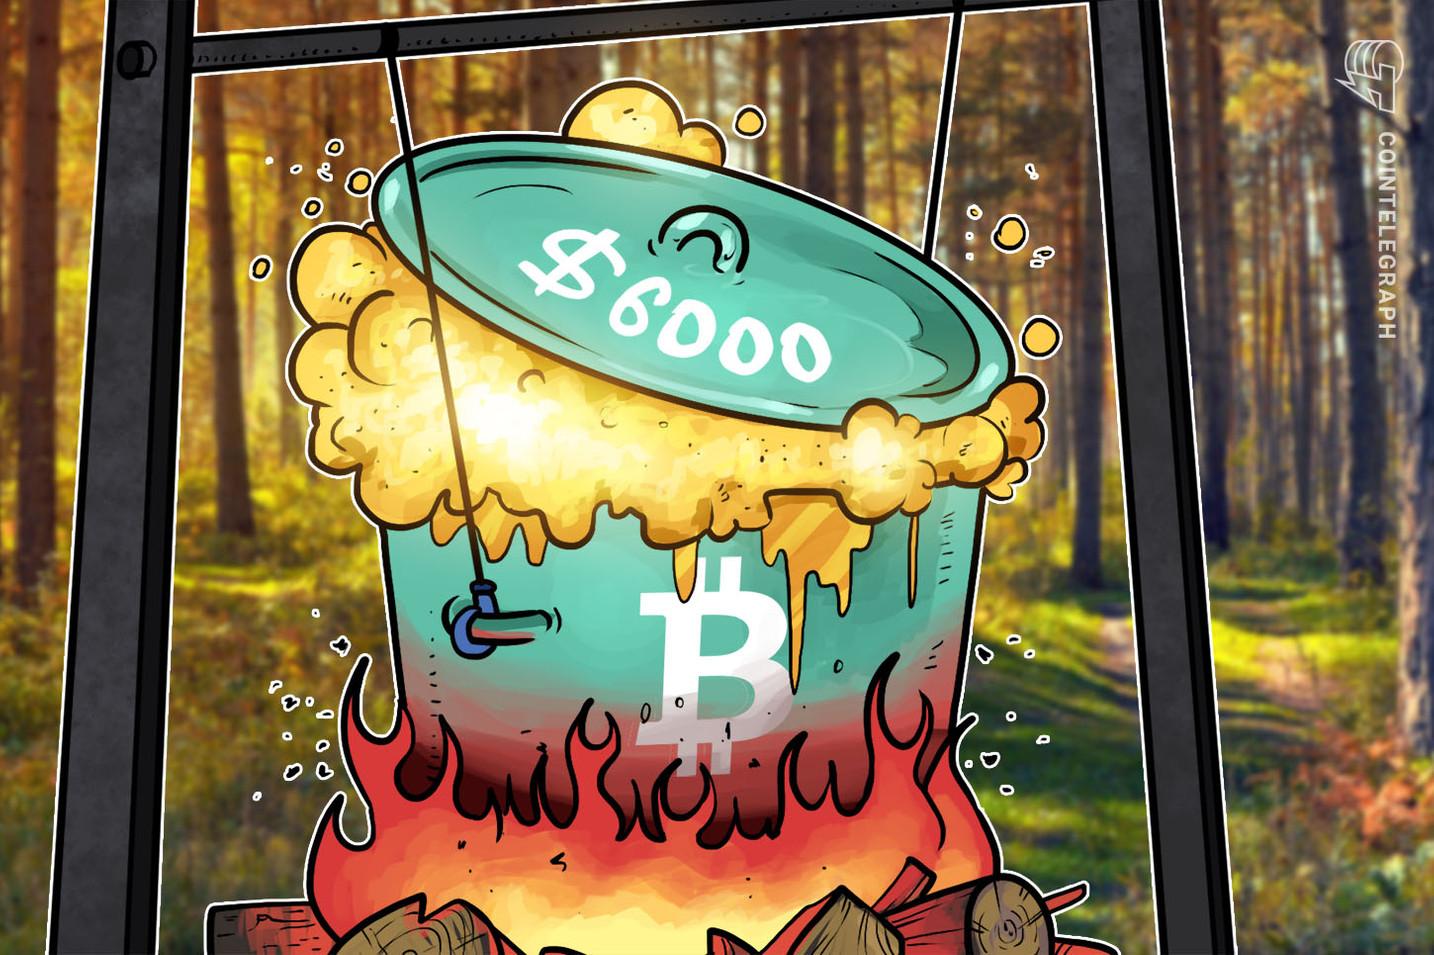 Bitcoin rompe los USD 6,000, los futuros sobre índices bursátiles de EE.UU. muestran una apertura más baja